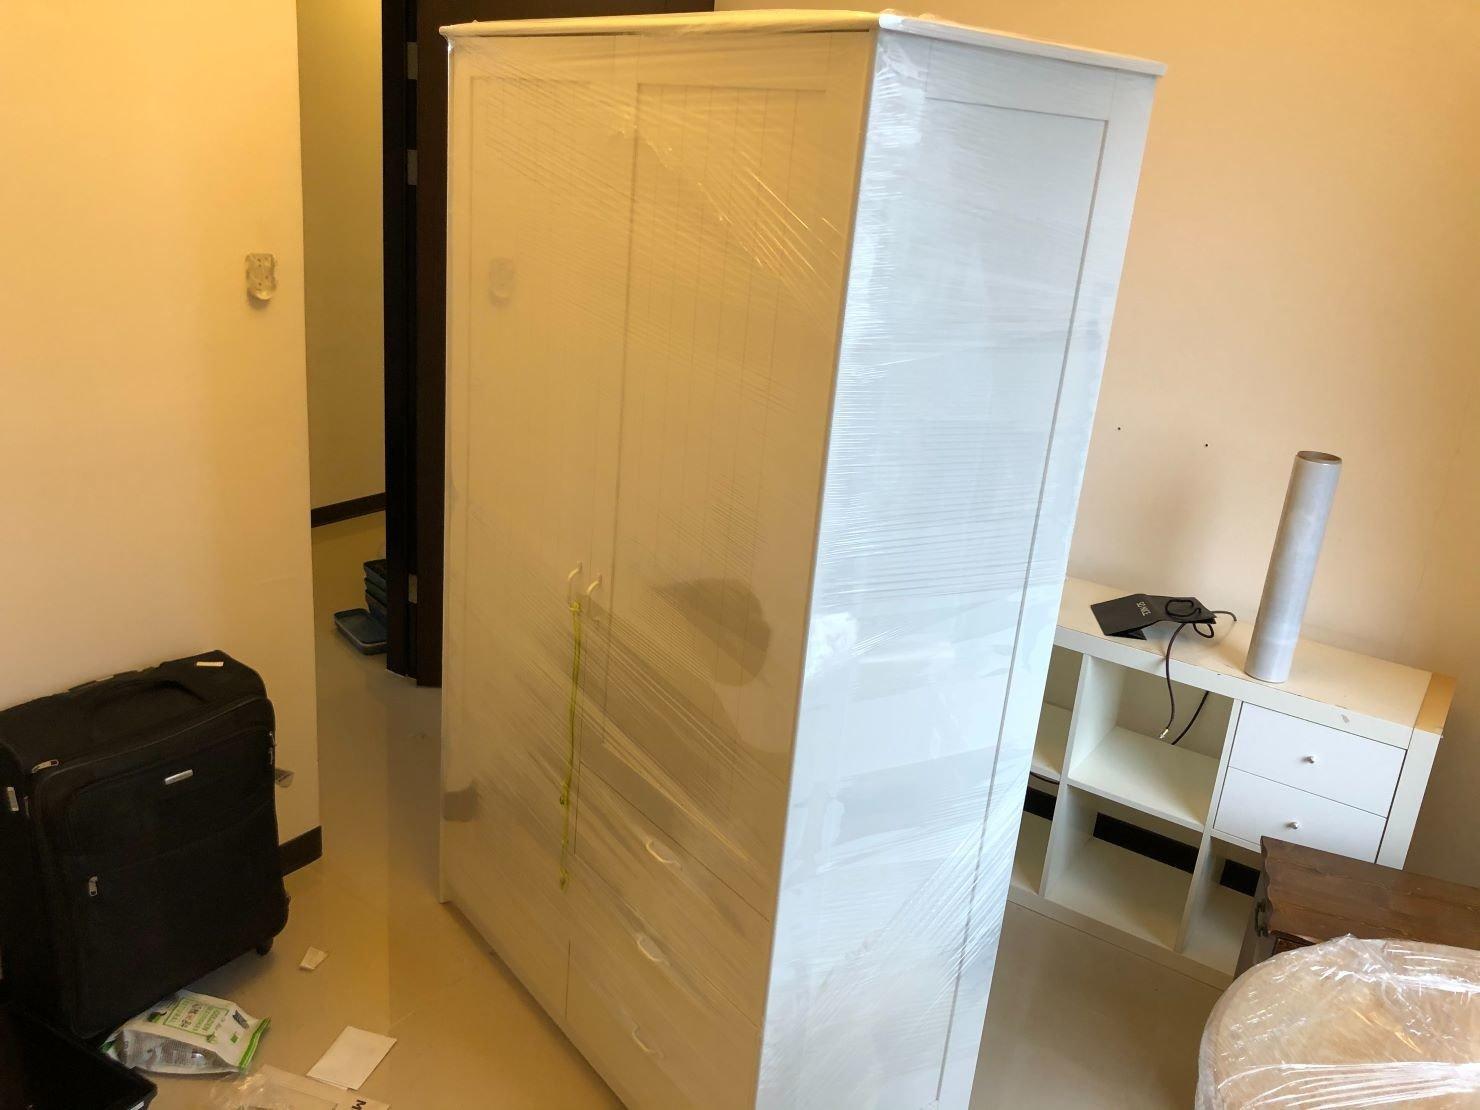 搬家推薦【榮福搬家公司】新北搬家公司、搬家口碑第一、台北搬家、新北搬家:五斗衣櫃以膠膜層層包裹,防刮、防塵、防水。